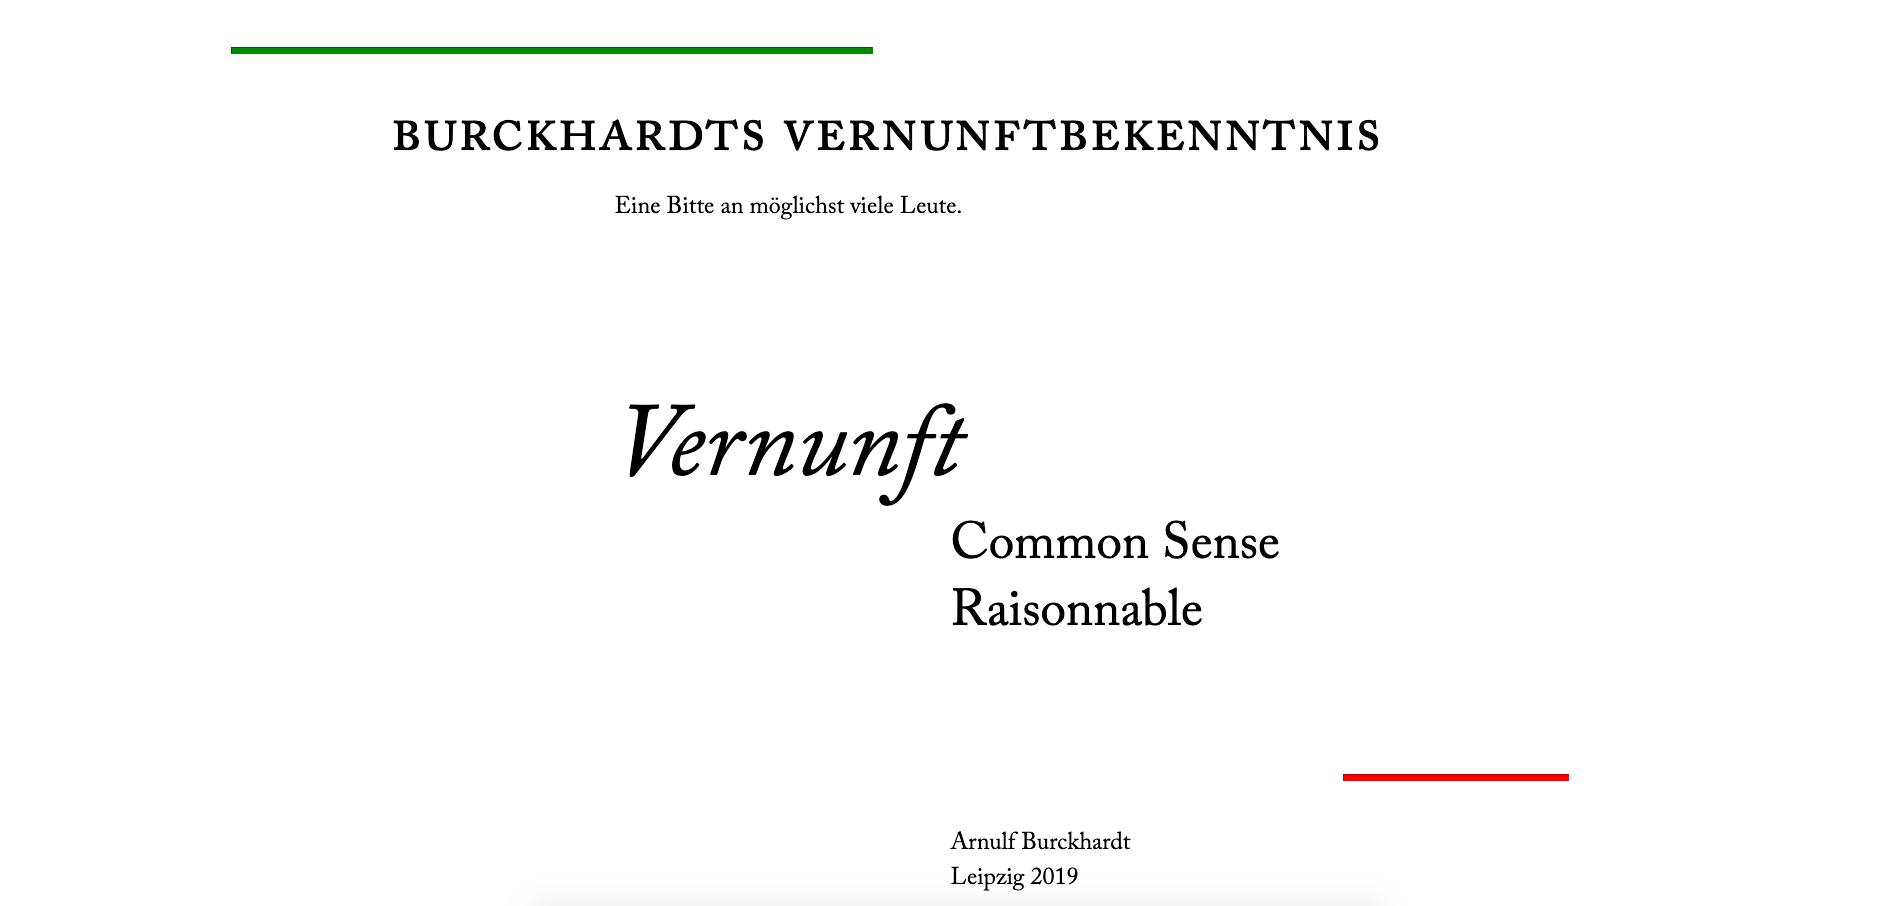 Vernunftbekenntnis, Typogarfische Webseite, 2019, Startbereich